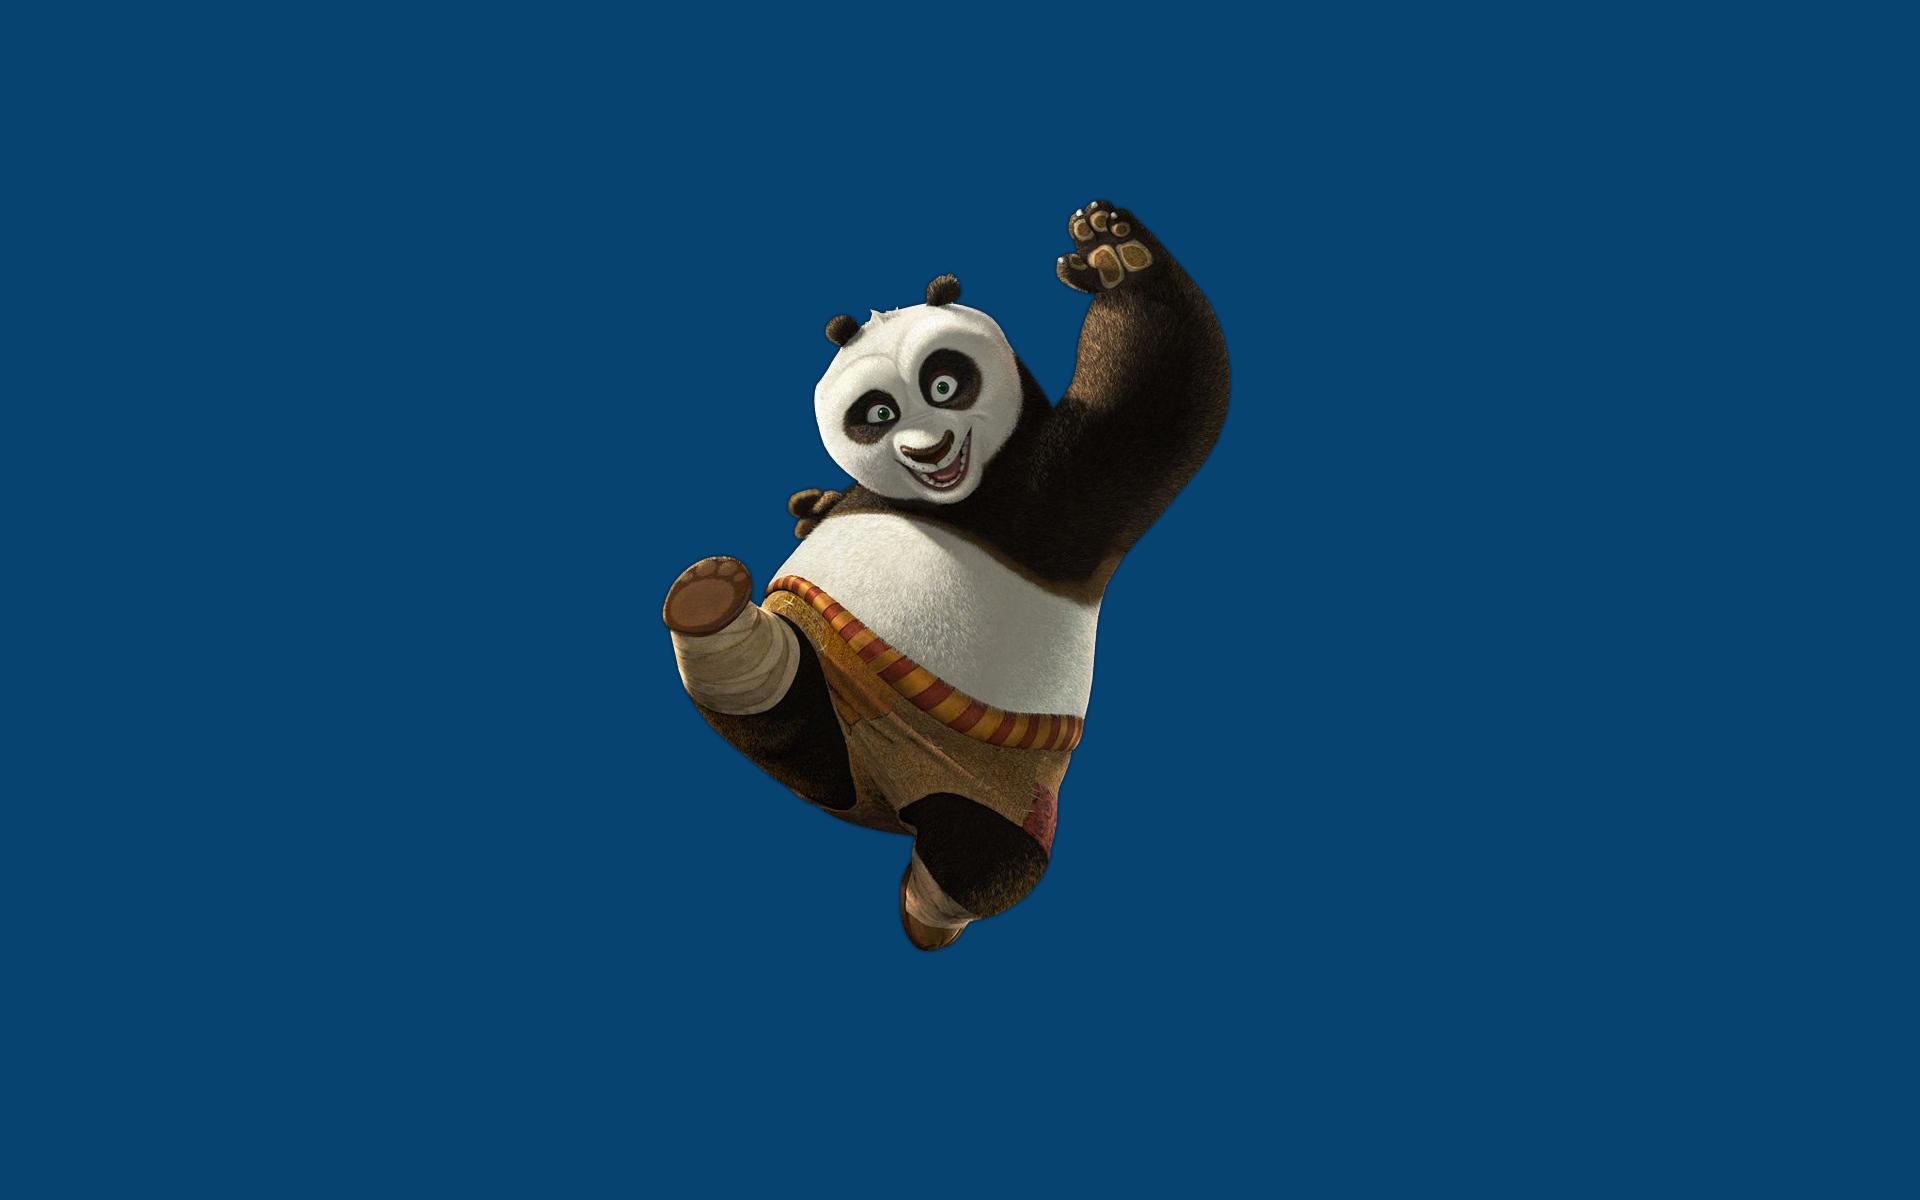 постоянно картинки фон с кунг-фу панда странные мясники маньяки